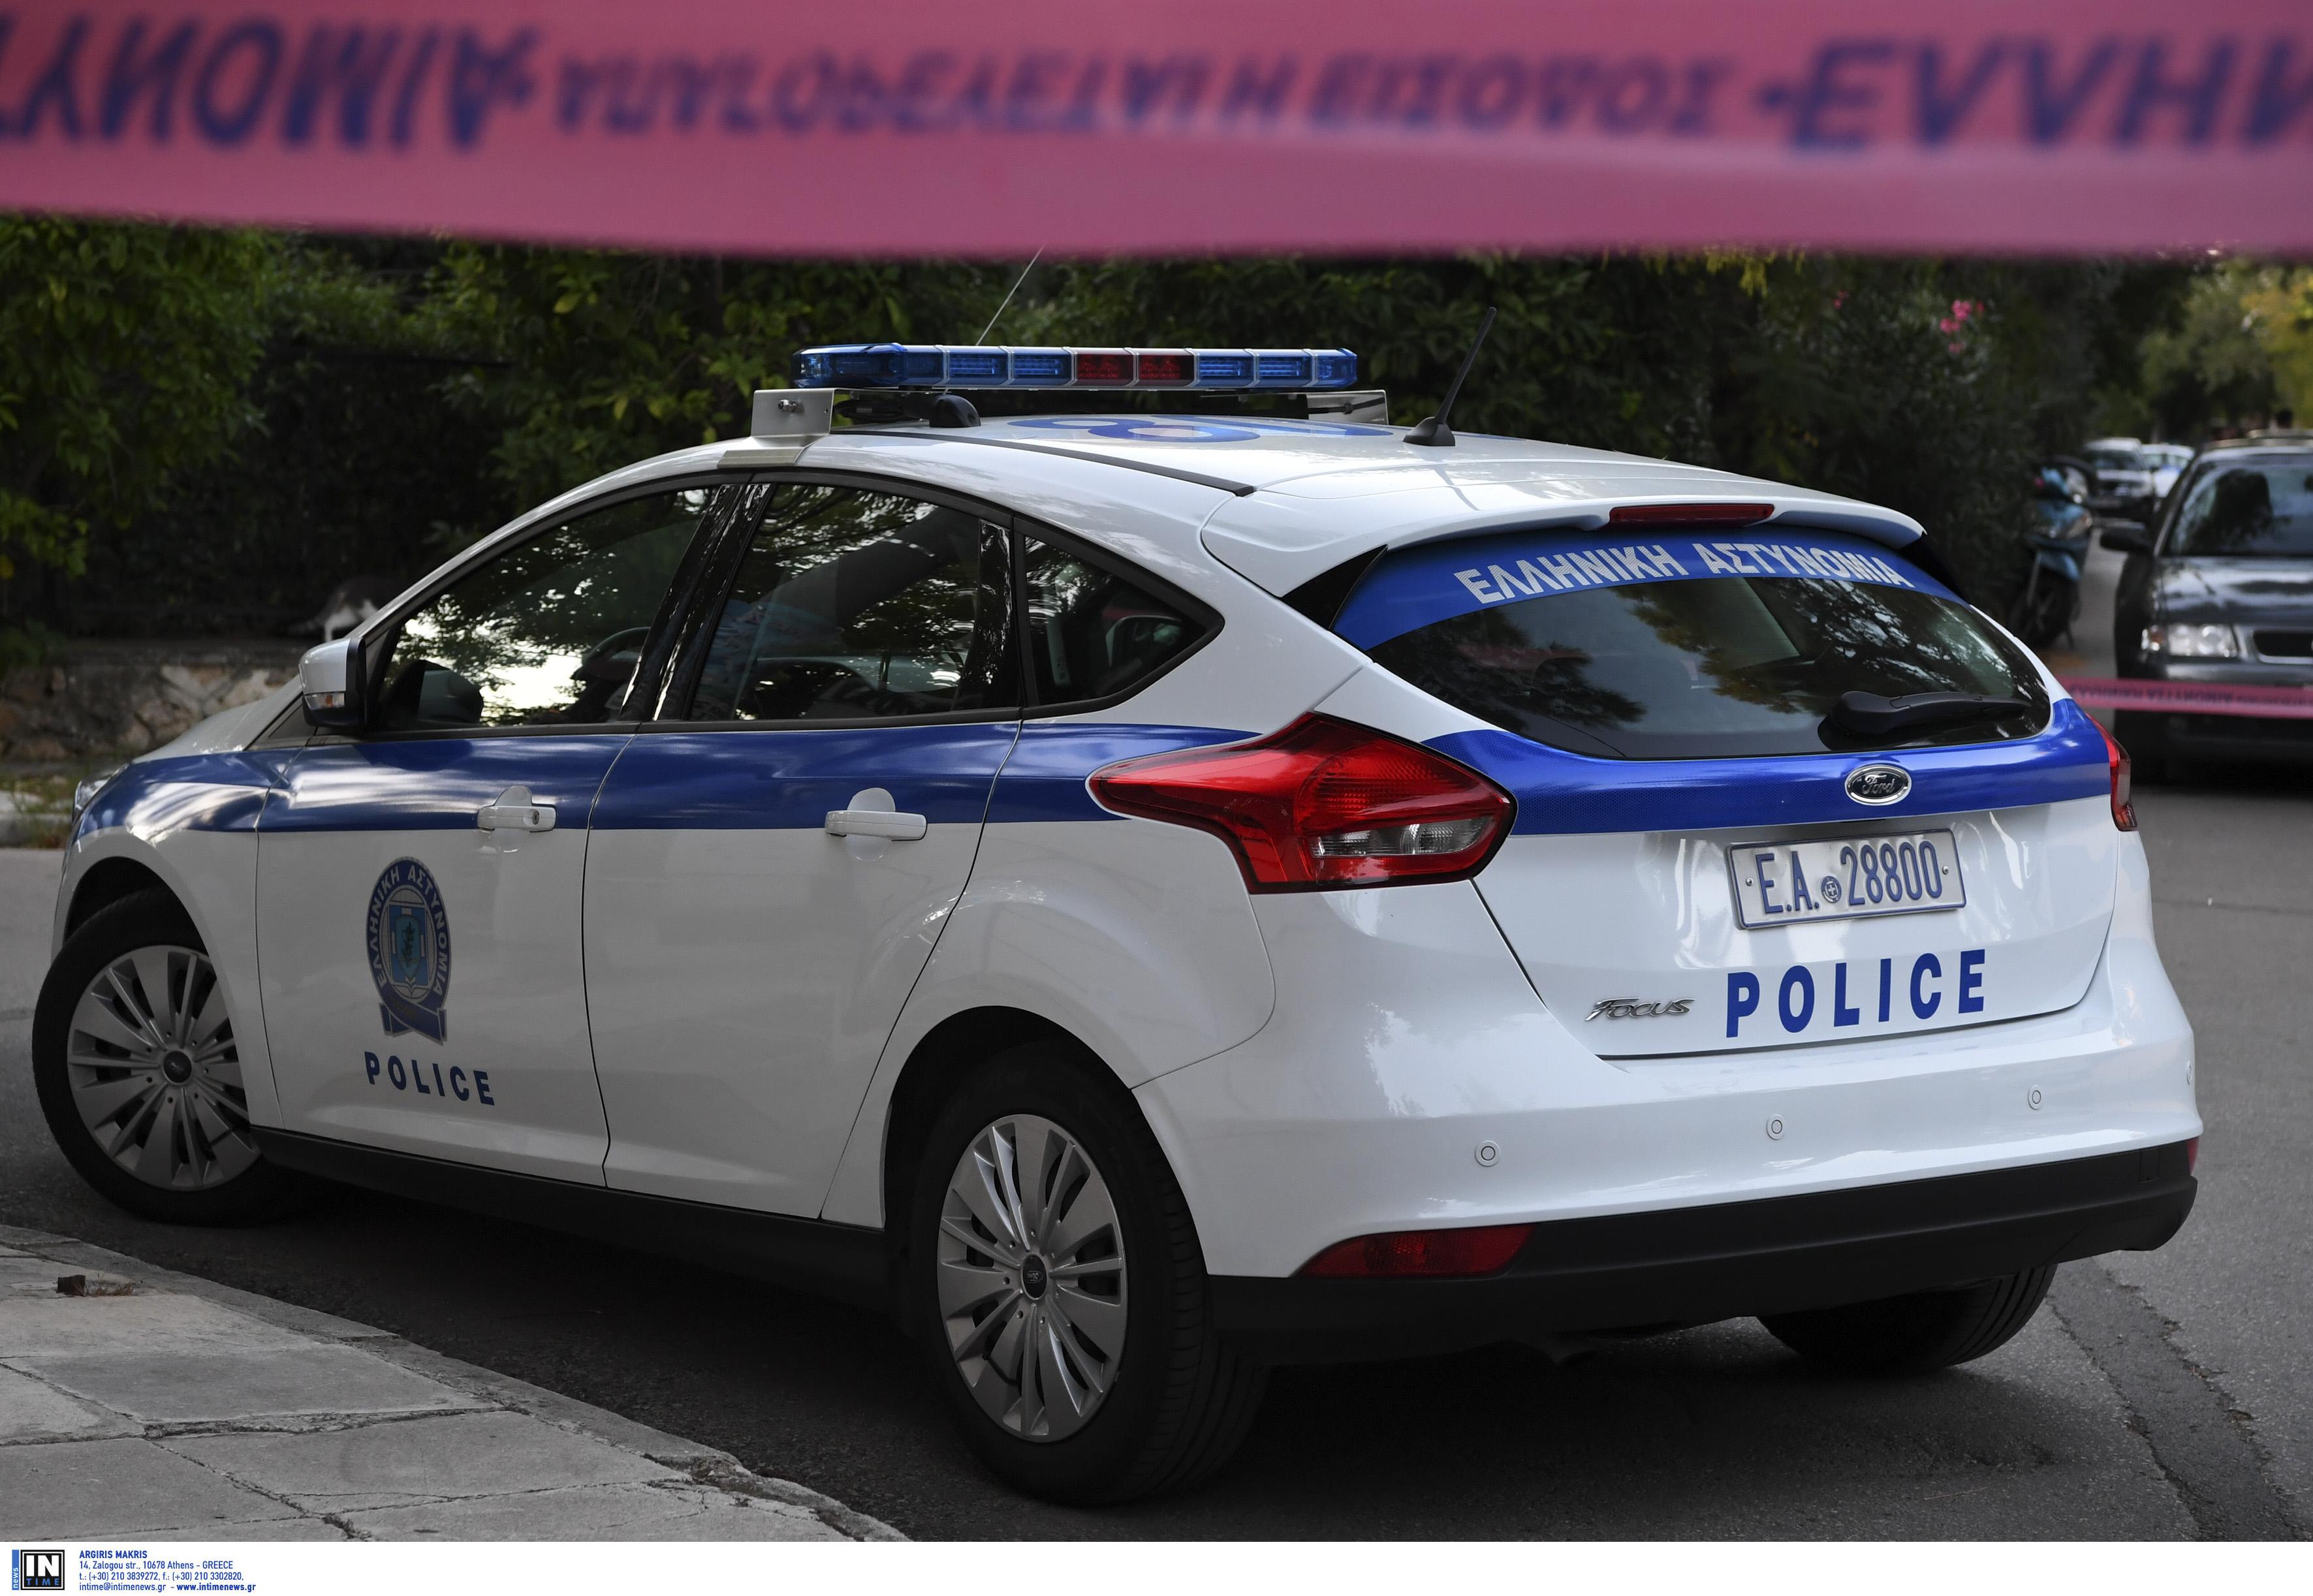 """Θεσσαλονίκη: Έβρεξε κλήσεις στο κέντρο – """"Ραβασάκια"""" σε όσους πάρκαραν παράνομα!"""